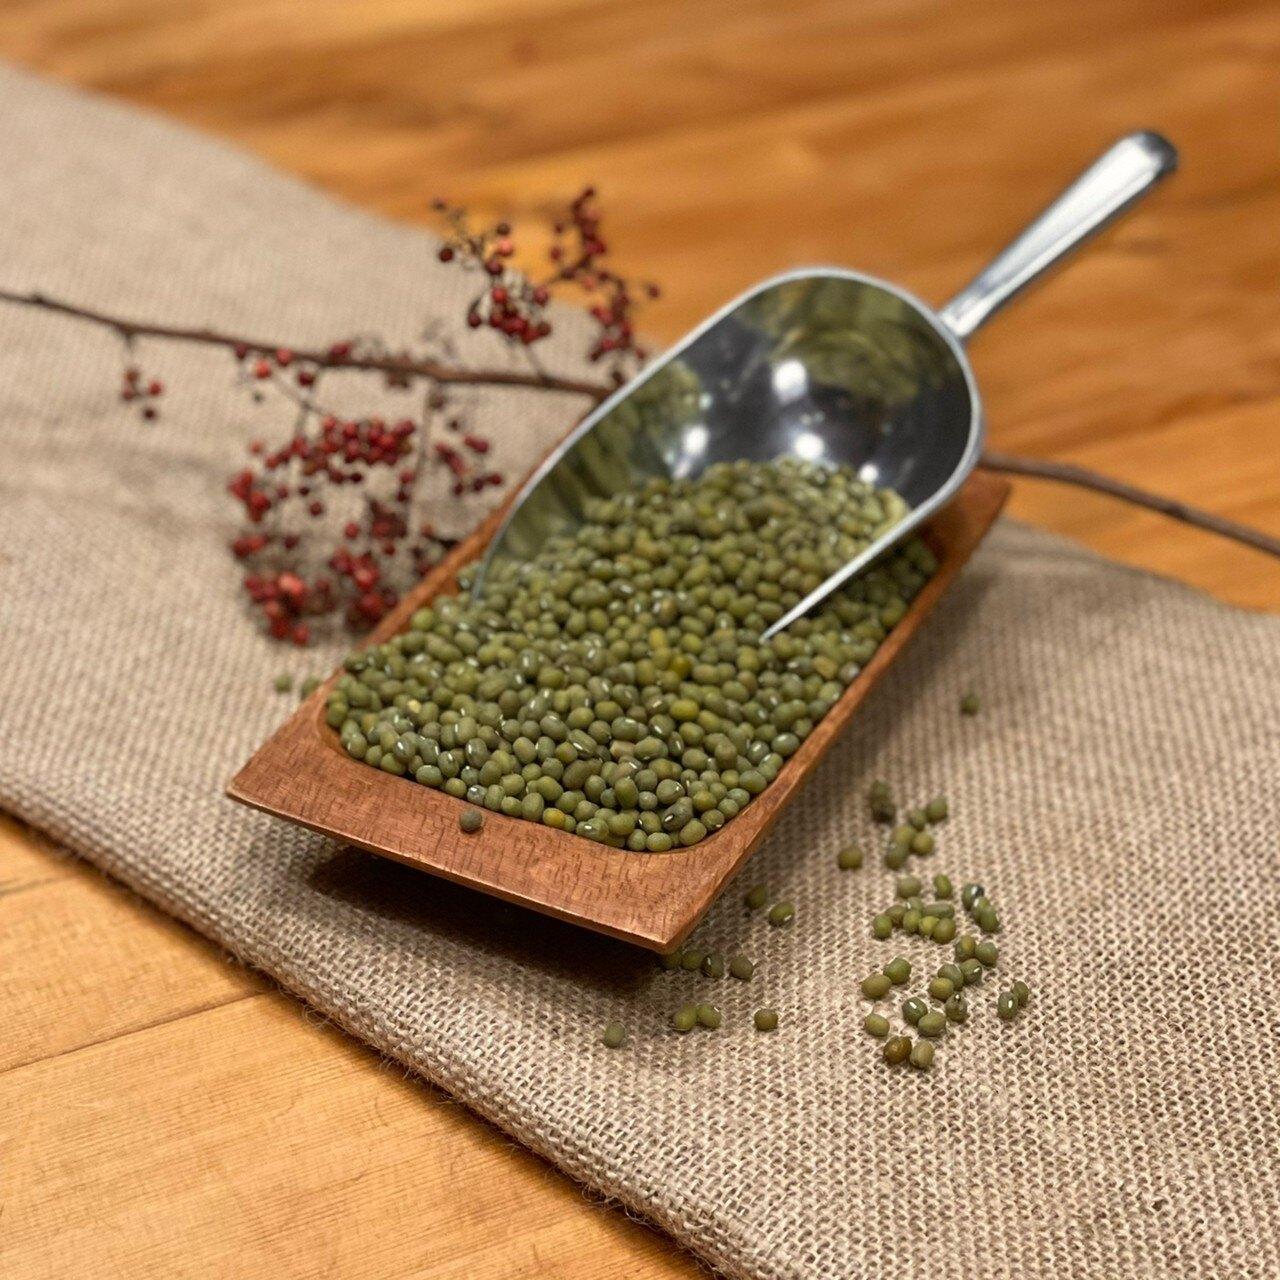 粉綠豆600g 綠豆湯 綠豆沙